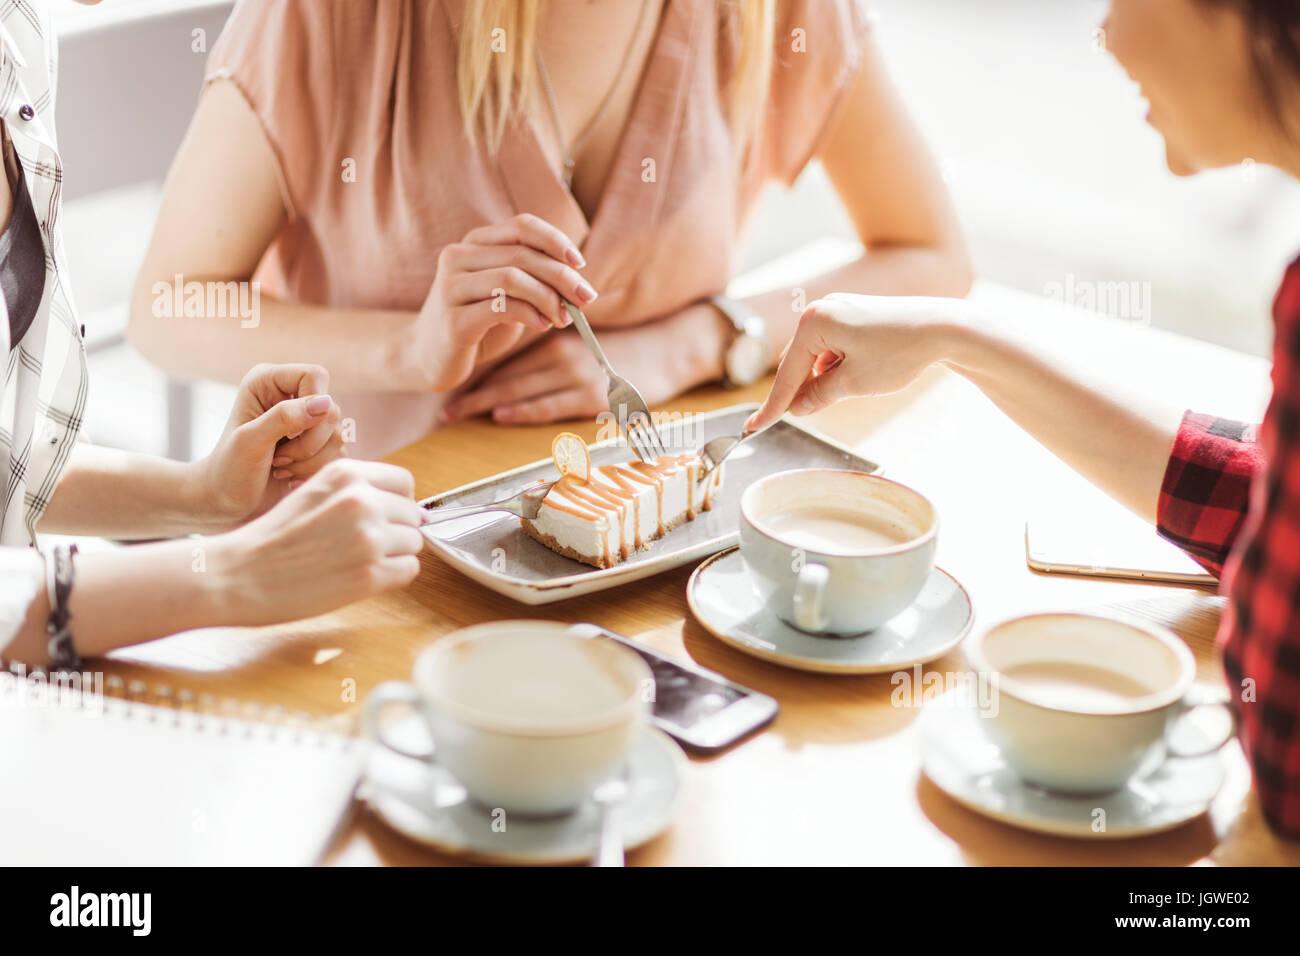 Las niñas comiendo una torta y bebiendo café en el cafe, coffee break Imagen De Stock